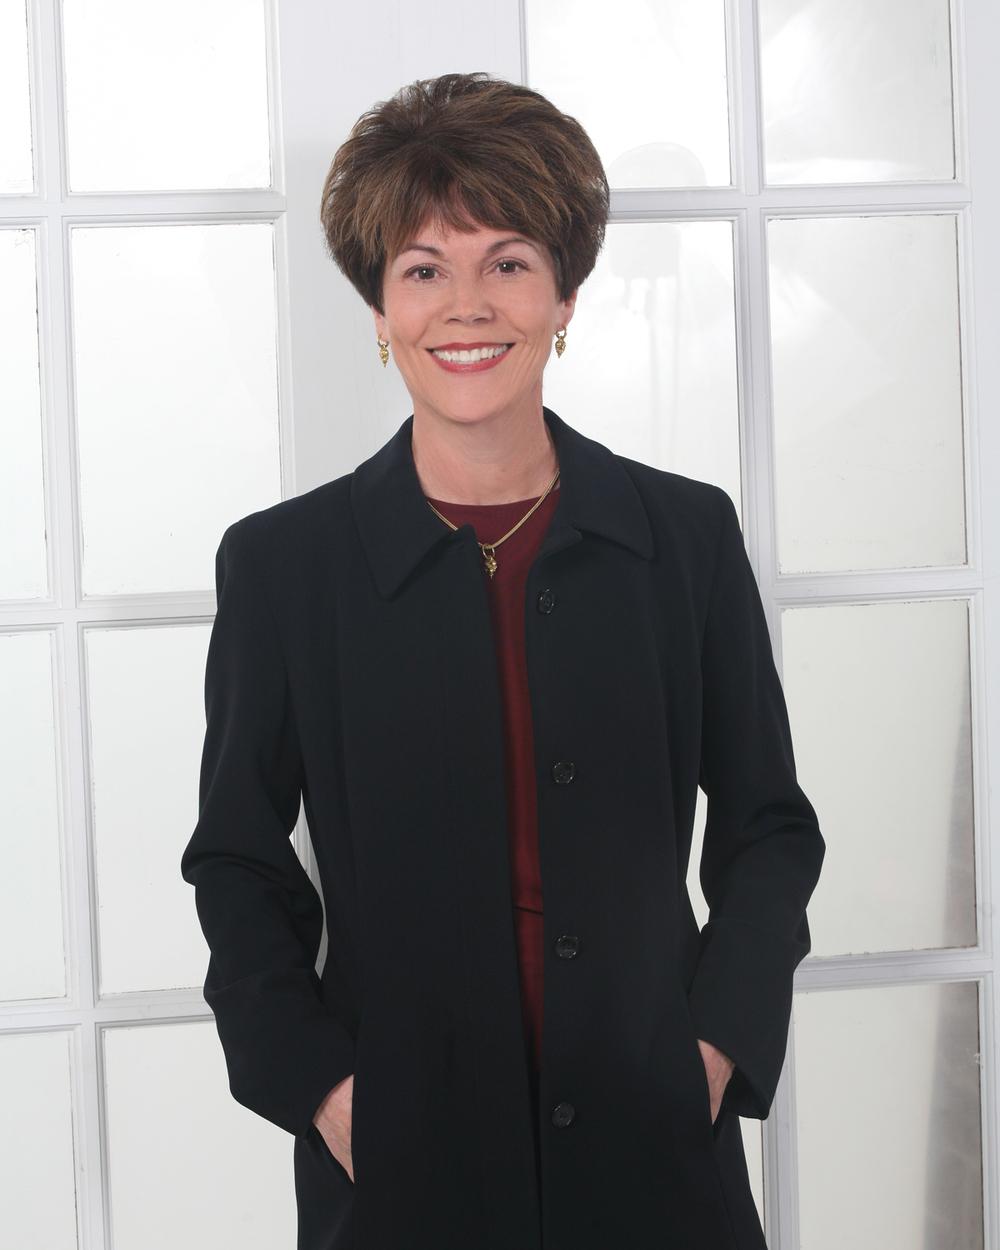 Karen Stricklett